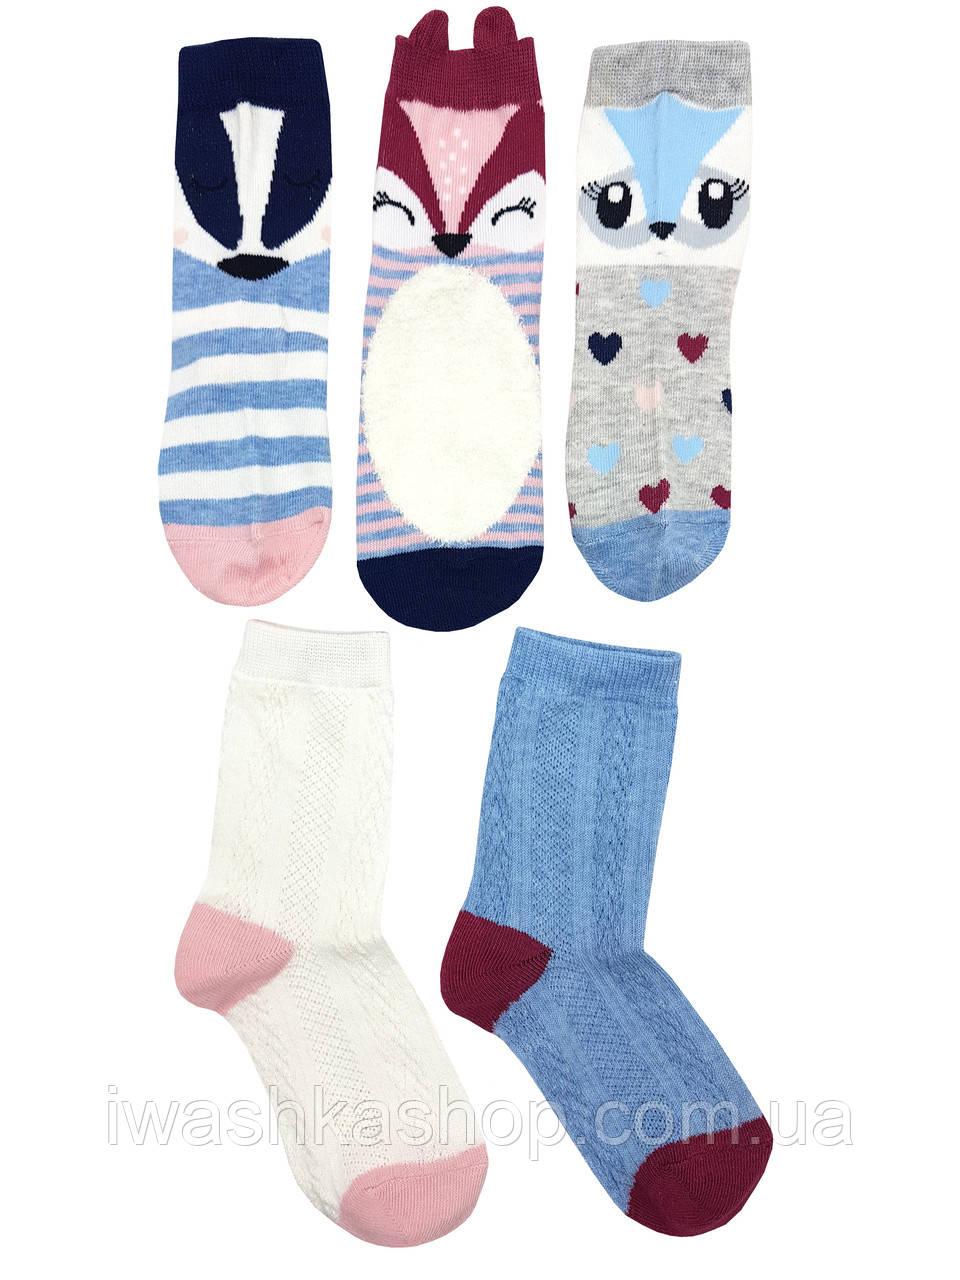 Комплект носков с животными на девочек 2 - 3 лет, р. 23 - 26, Young Dimension by Primark.